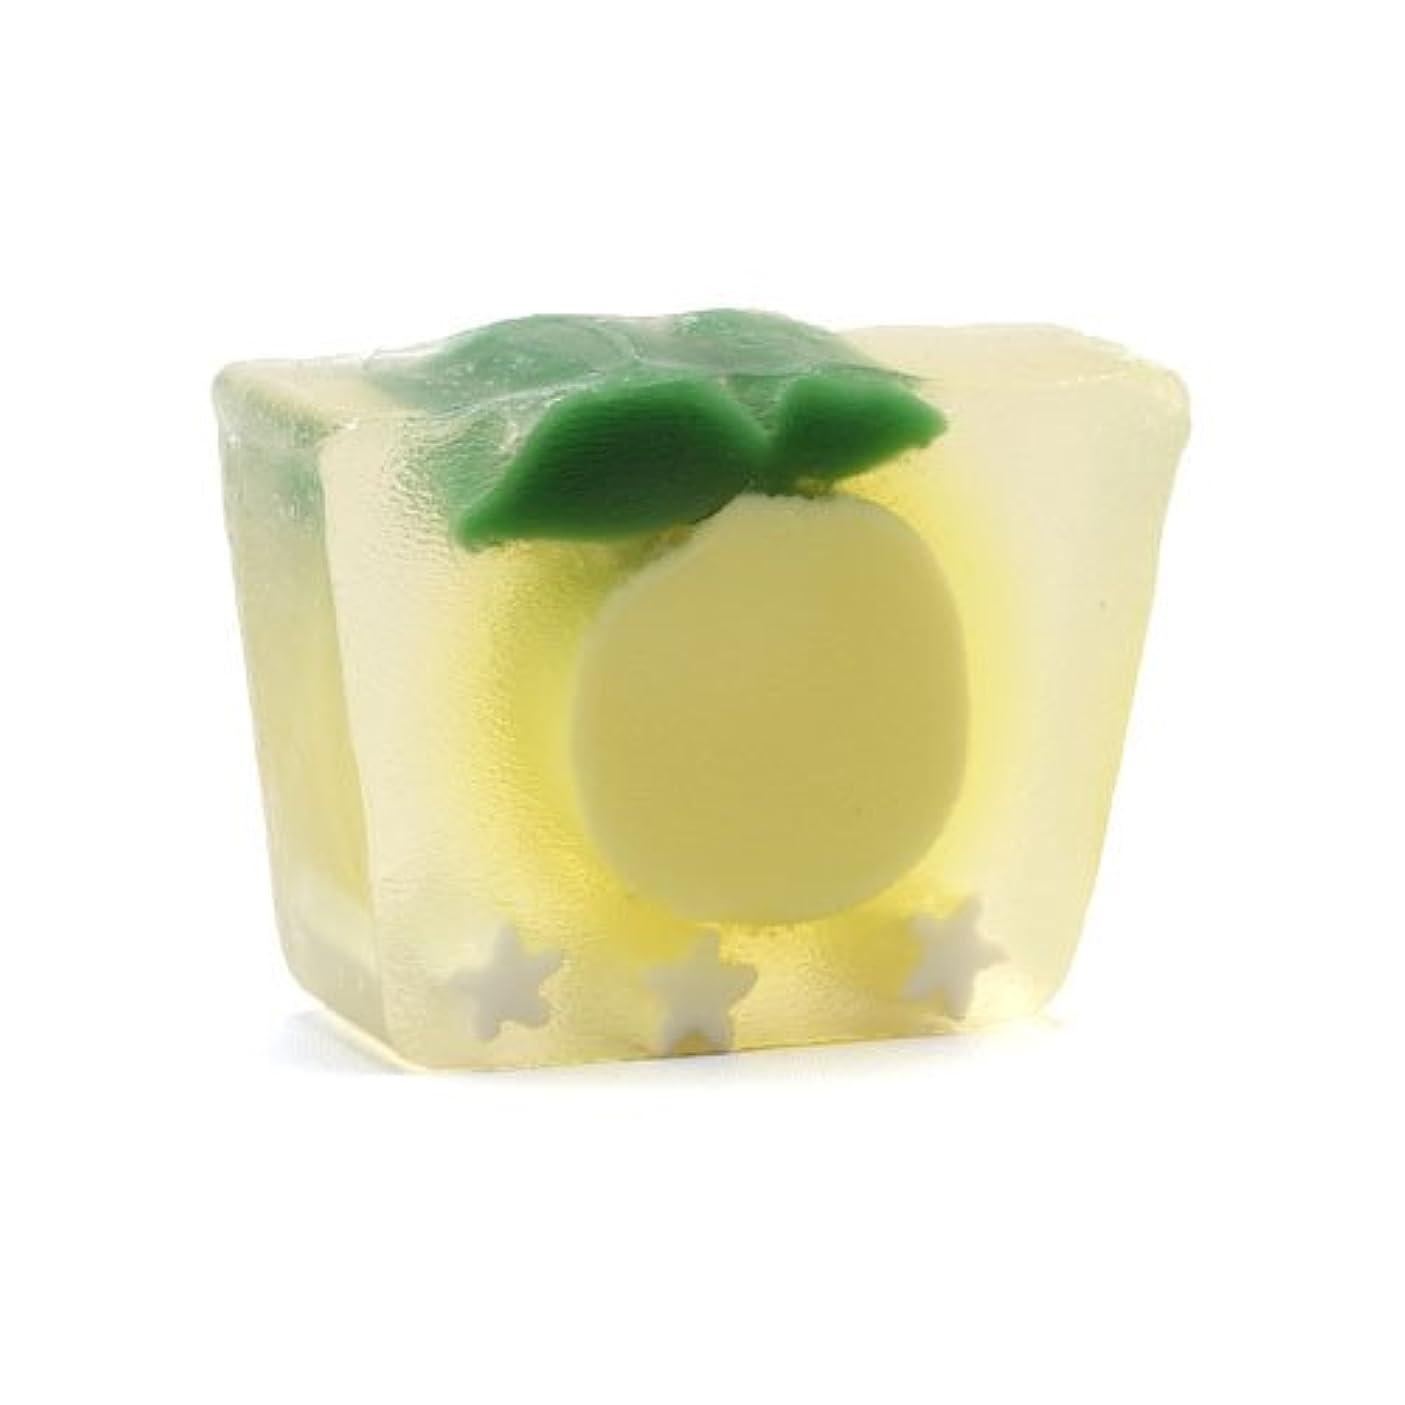 パラナ川拡大する拡大するプライモールエレメンツ アロマティック ミニソープ カリフォルニアレモン 80g 植物性 ナチュラル 石鹸 無添加